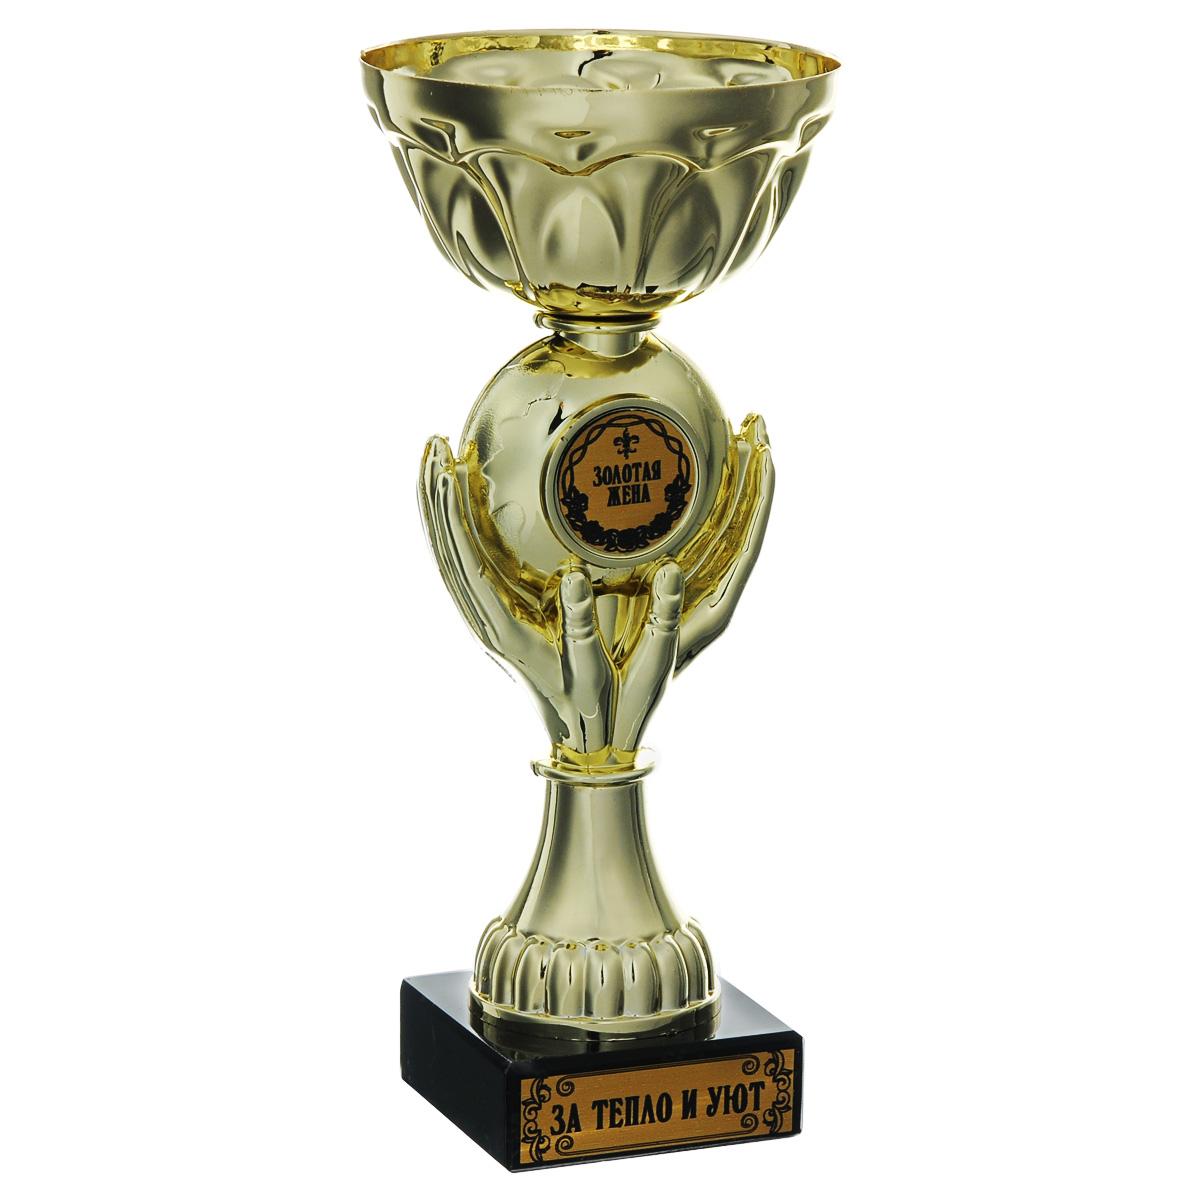 Кубок Золотая жена, высота 18 см030522005Кубок Золотая жена станет замечательным сувениром. Кубок выполнен из пластика с золотистым покрытием. Основание изготовлено из искусственного мрамора. Такой кубок обязательно порадует получателя, вызовет улыбку и массу положительных эмоций.